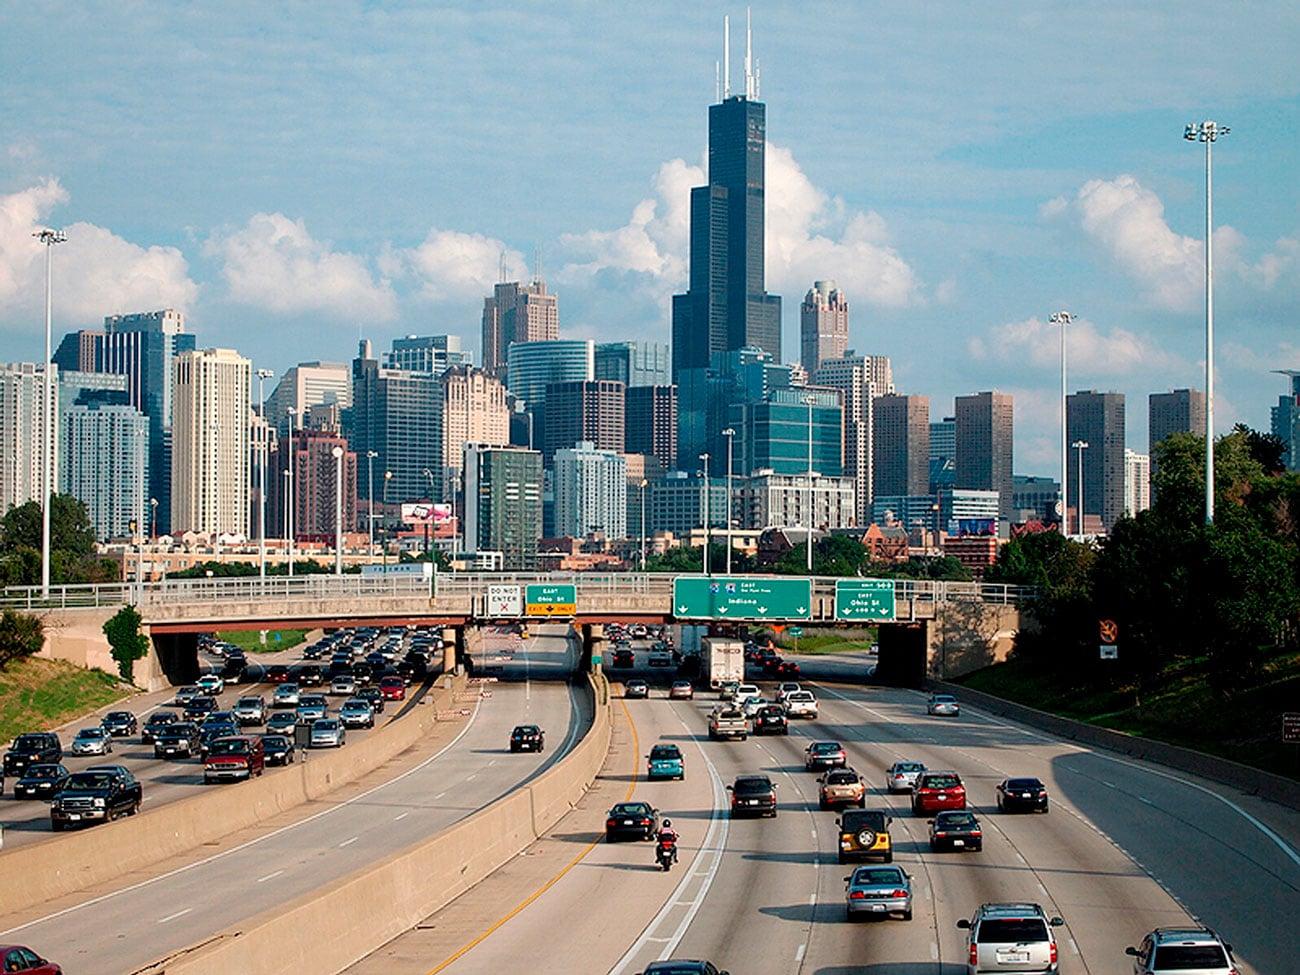 Autopista de Chicago, nos Estados Unidos: revestidas com pavimento de concreto, rodovias ajudam a combater o efeito estufa nos grandes centros urbanos Crédito: Jaysin Trevino/Wikimedia Commons